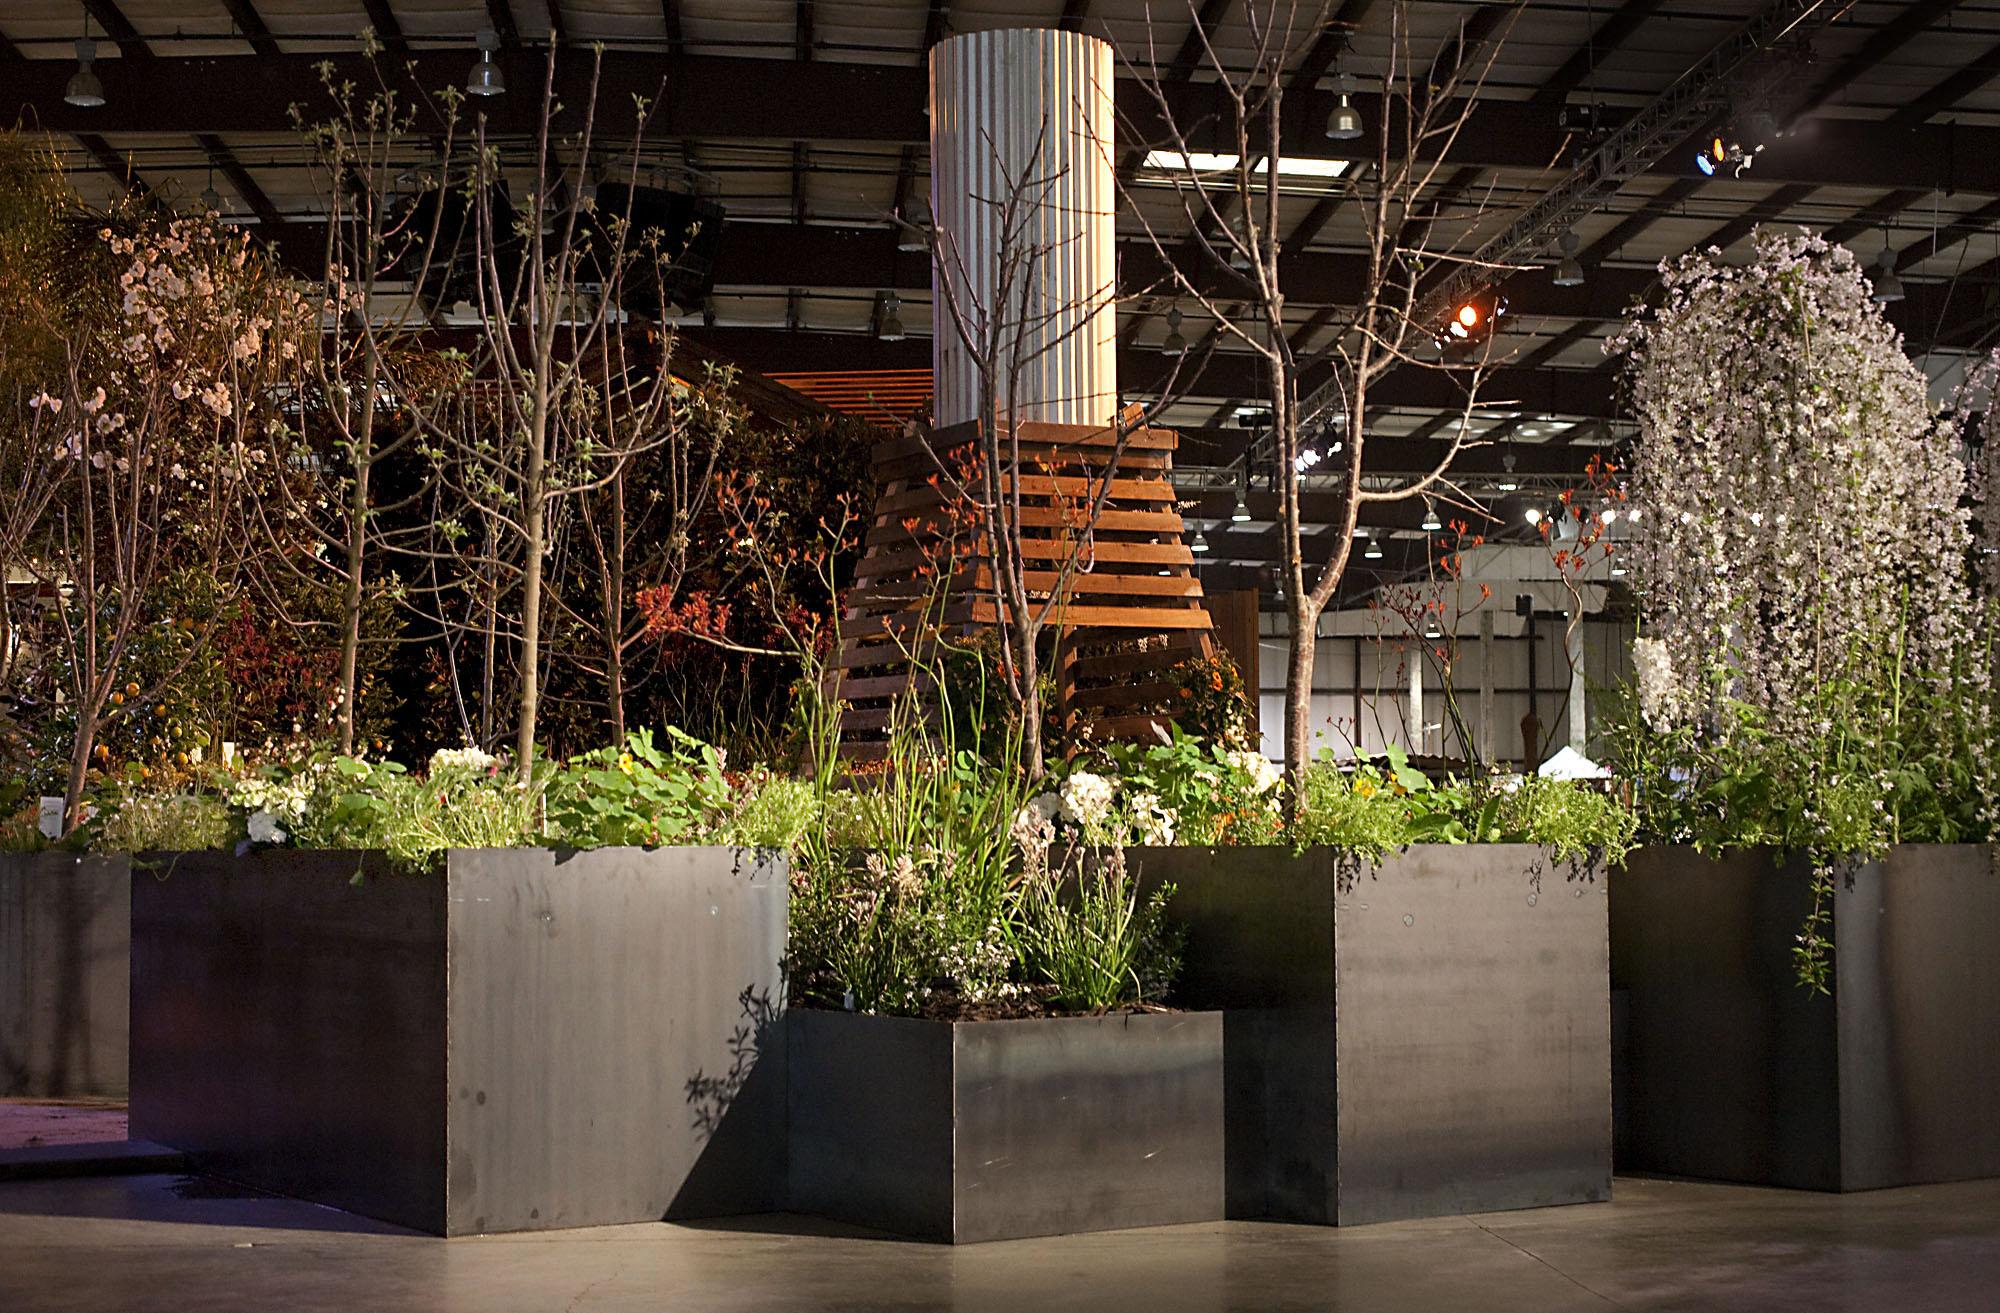 Sf garden show 2010 sonoma landscape design for Sonoma garden designs